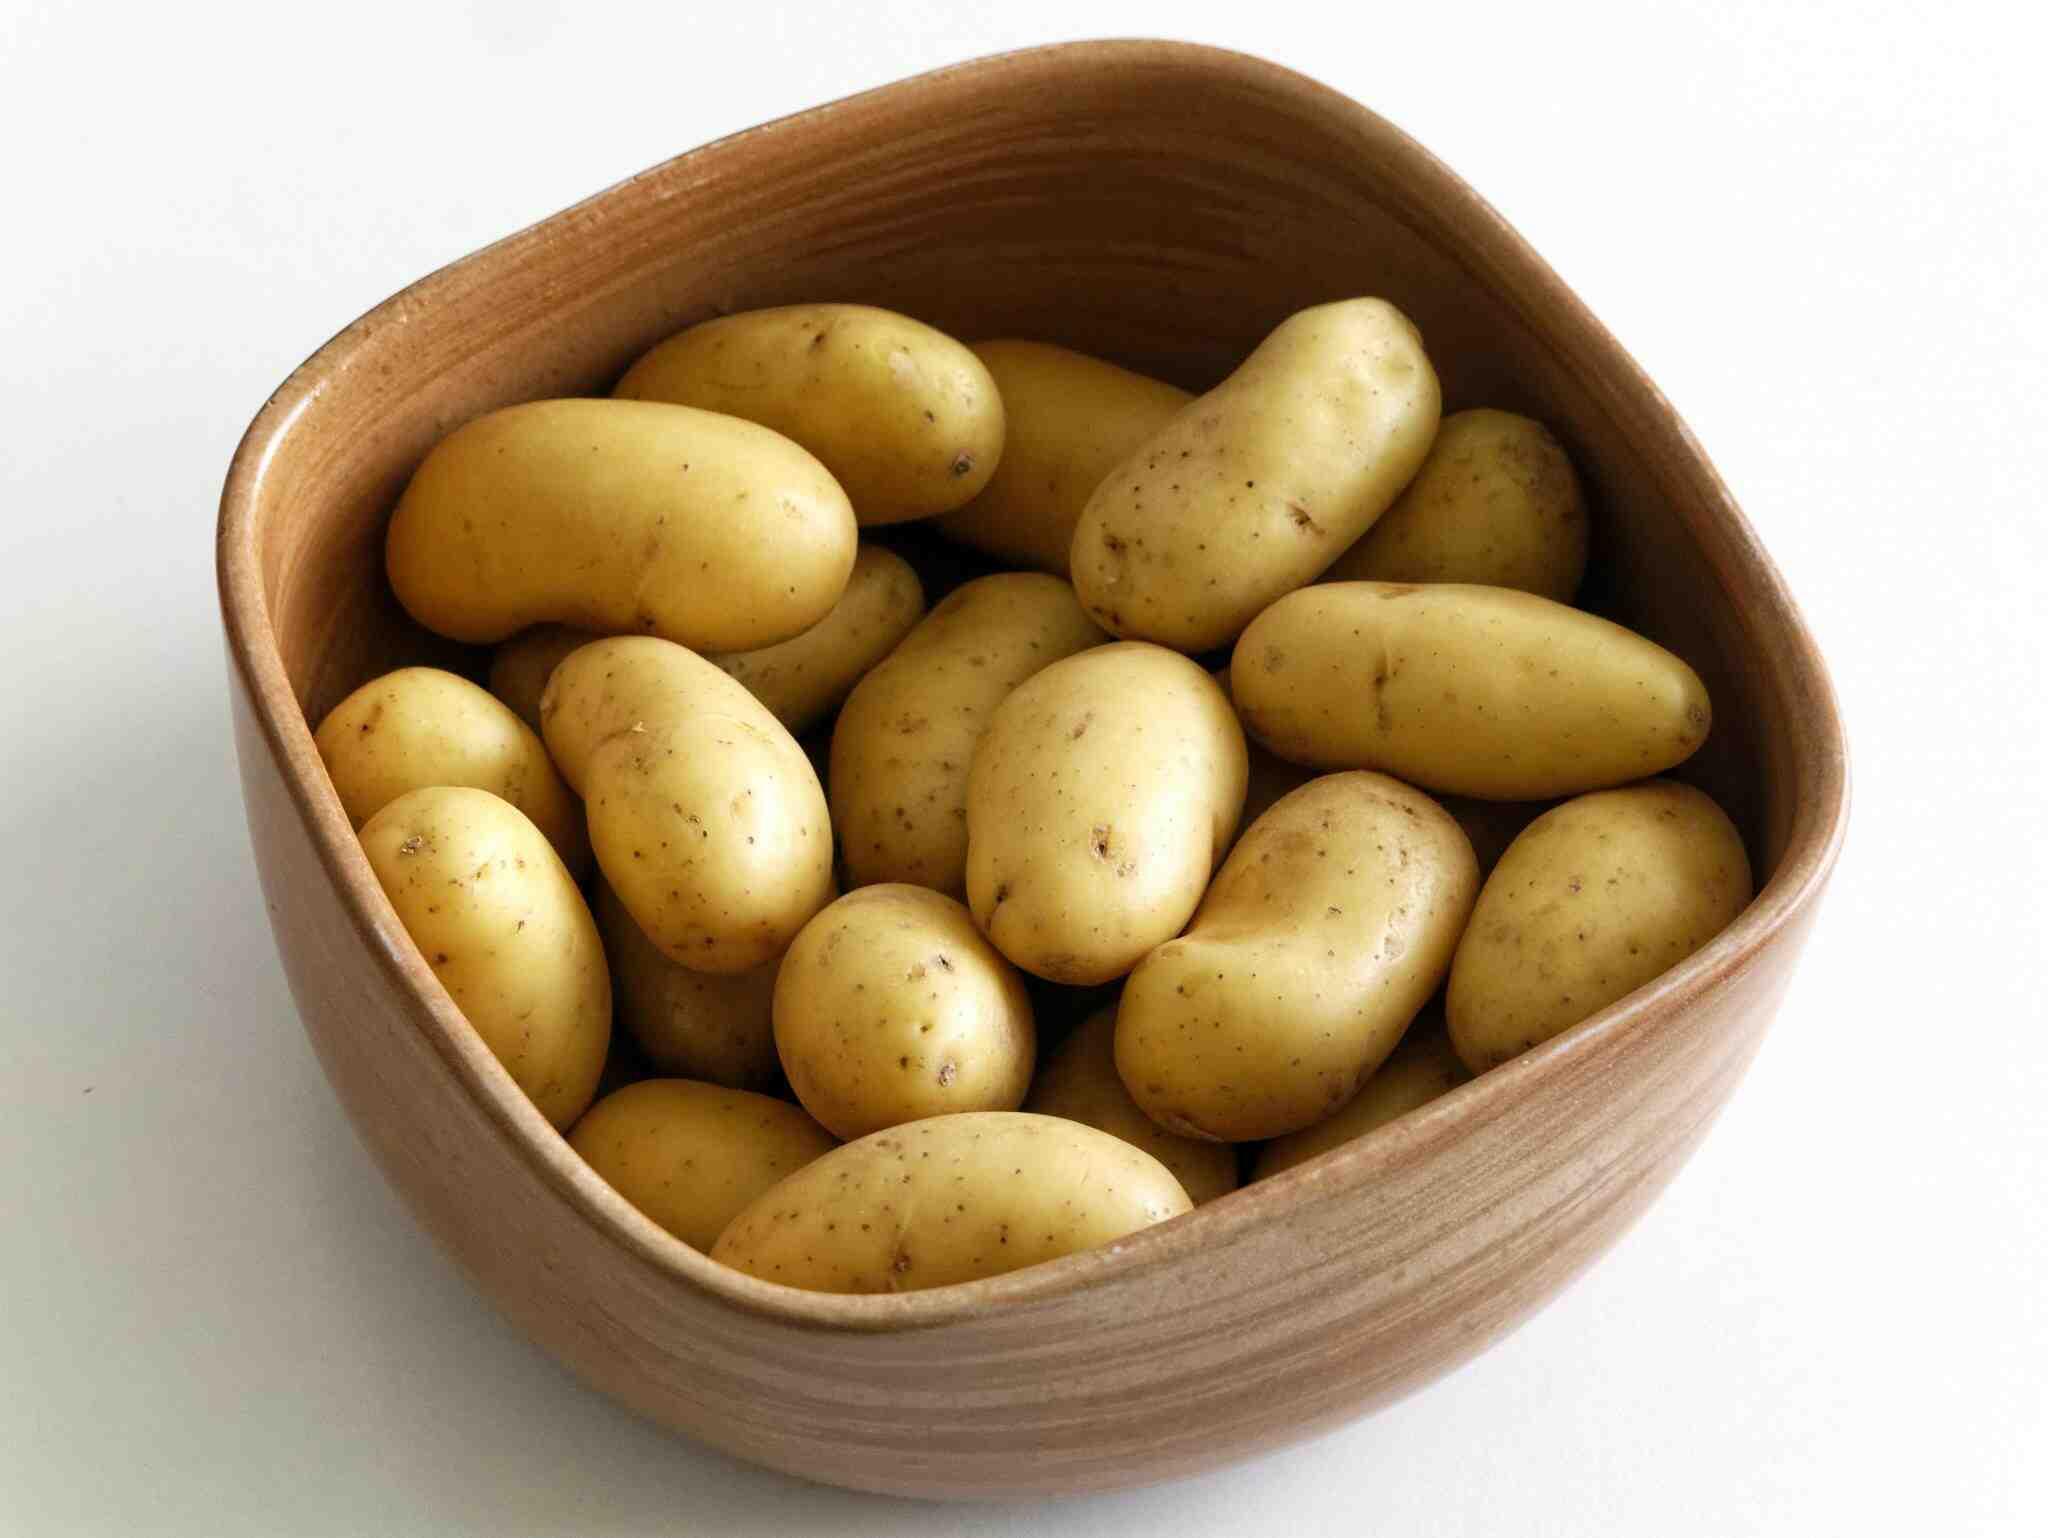 Comment Sait-on que les pommes de terre sont mûres ?